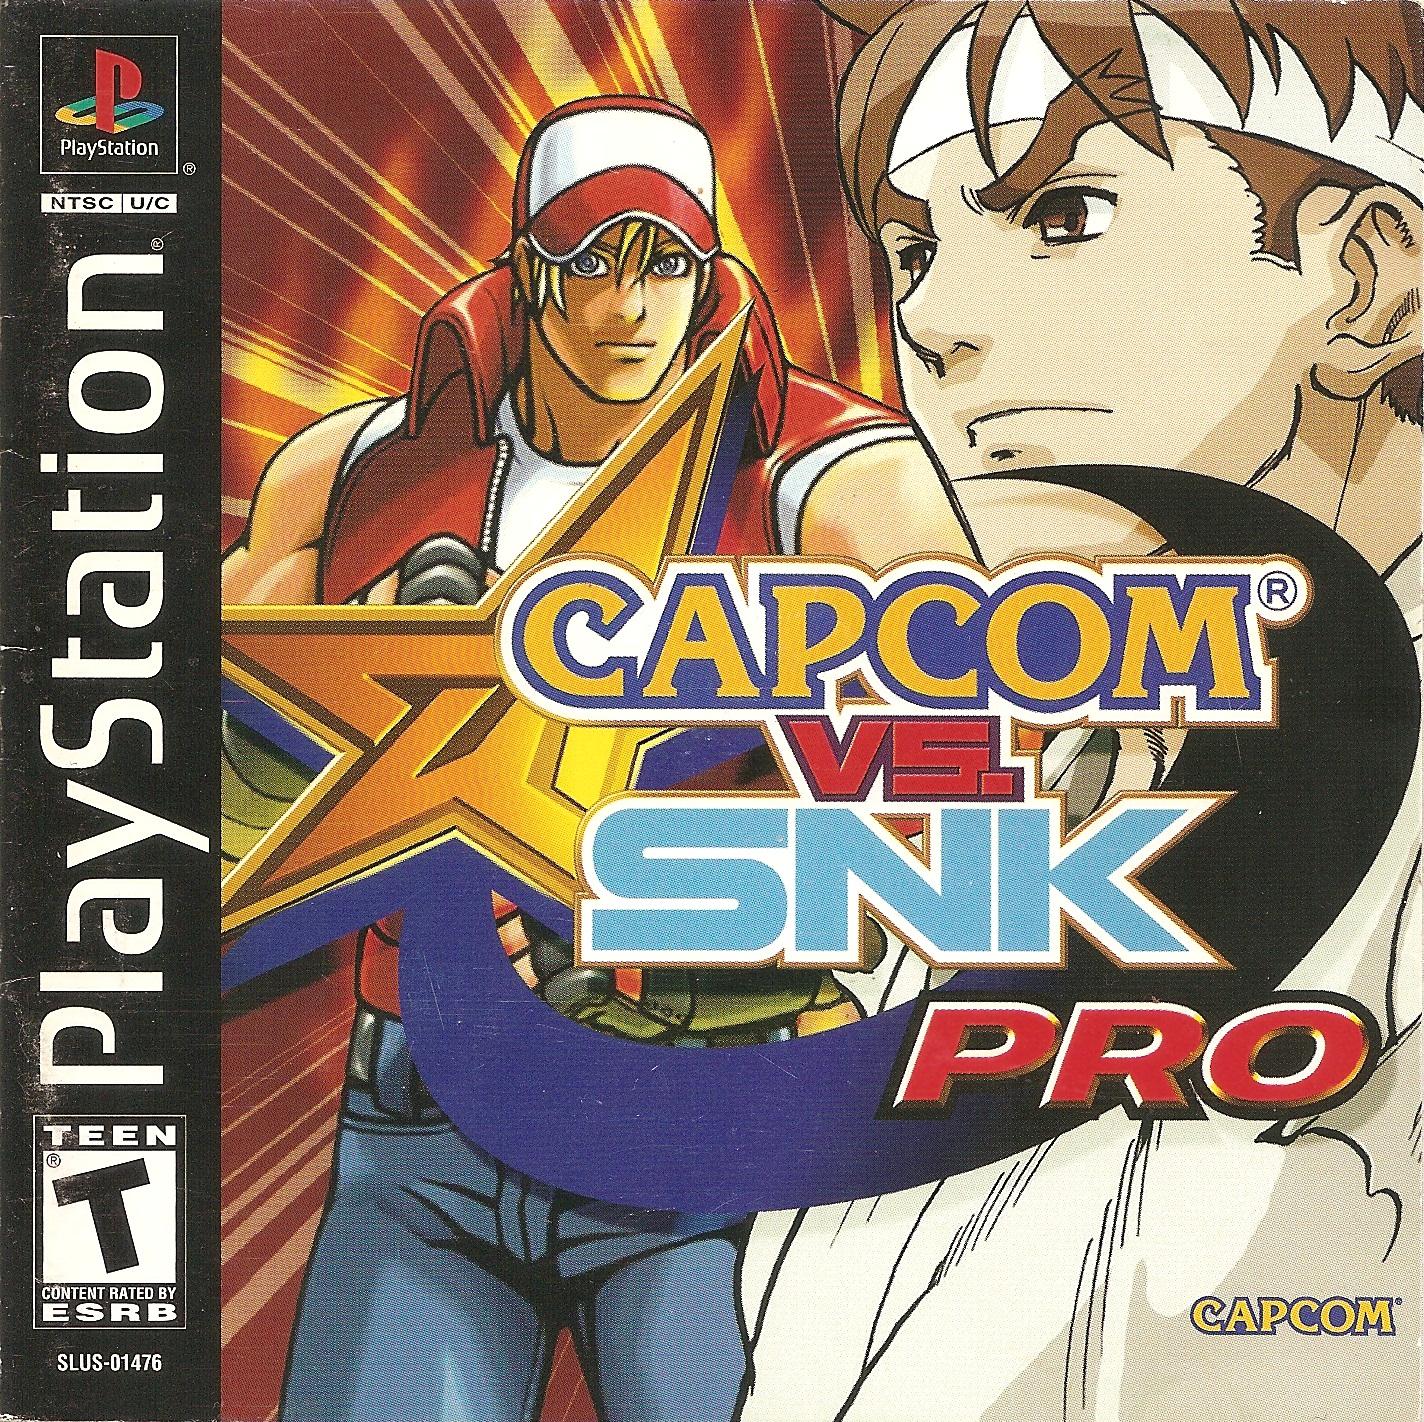 Capcom Vs. SNK - Millennium Fight 2000 Pro [SLUS-01476]